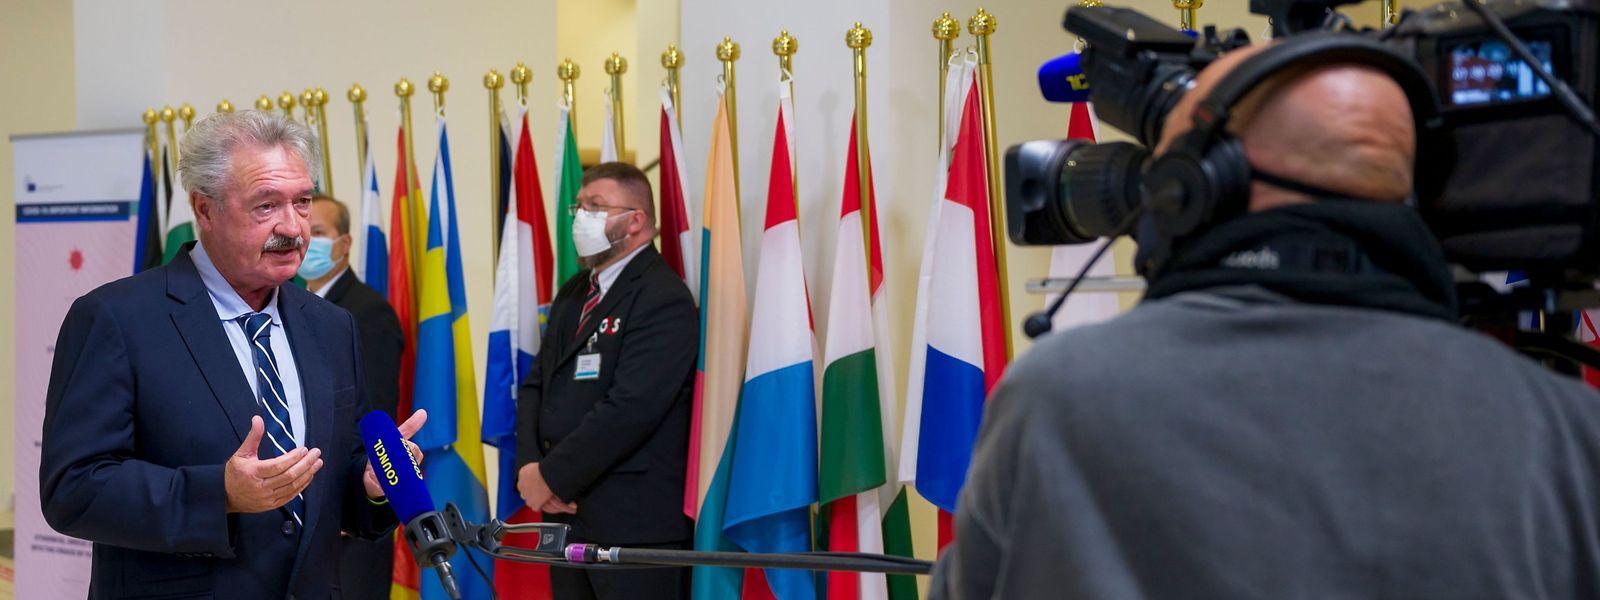 Si une majorité d'Etats se sont accordés mardi sur l'utilisation de la carte de l'Agence européenne de santé publique, Jean Asselborn (LSAP) et le Luxembourg se sont abstenus.